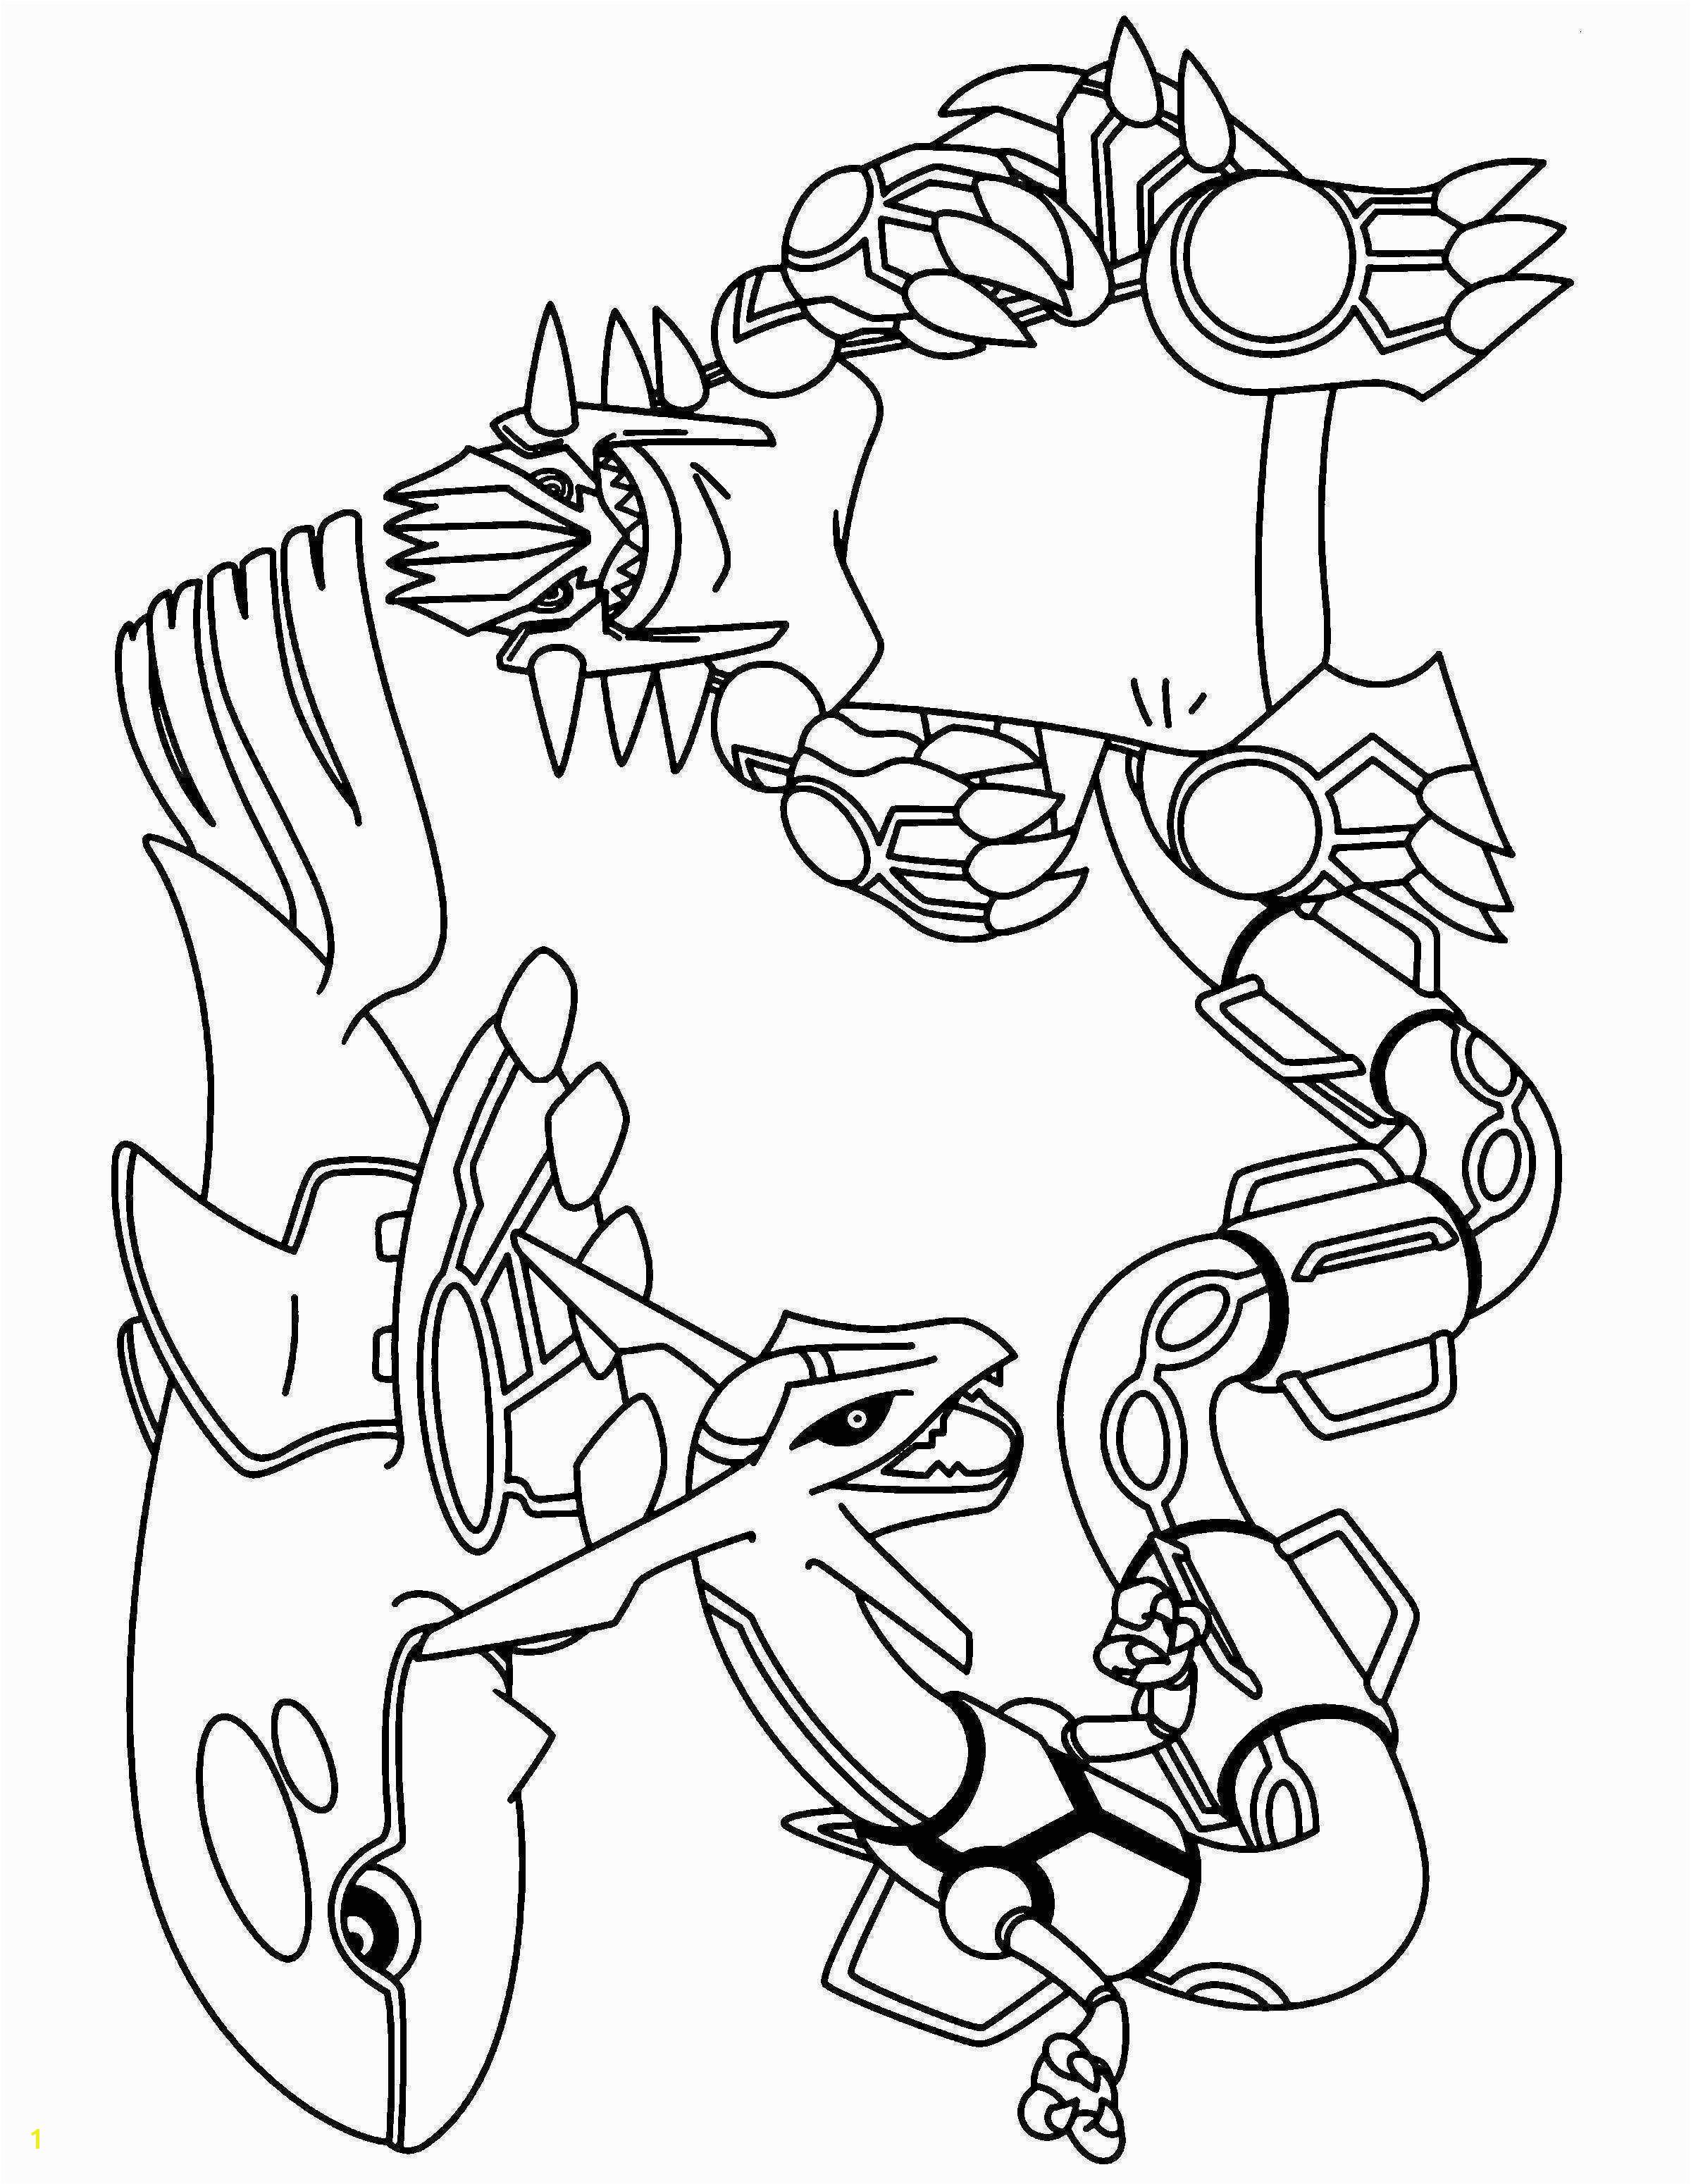 Dessin De Pokemon Legendaire Groudon Ideas Kyogre Coloring Pages Mega Printable Legendary Colouring Pokemon